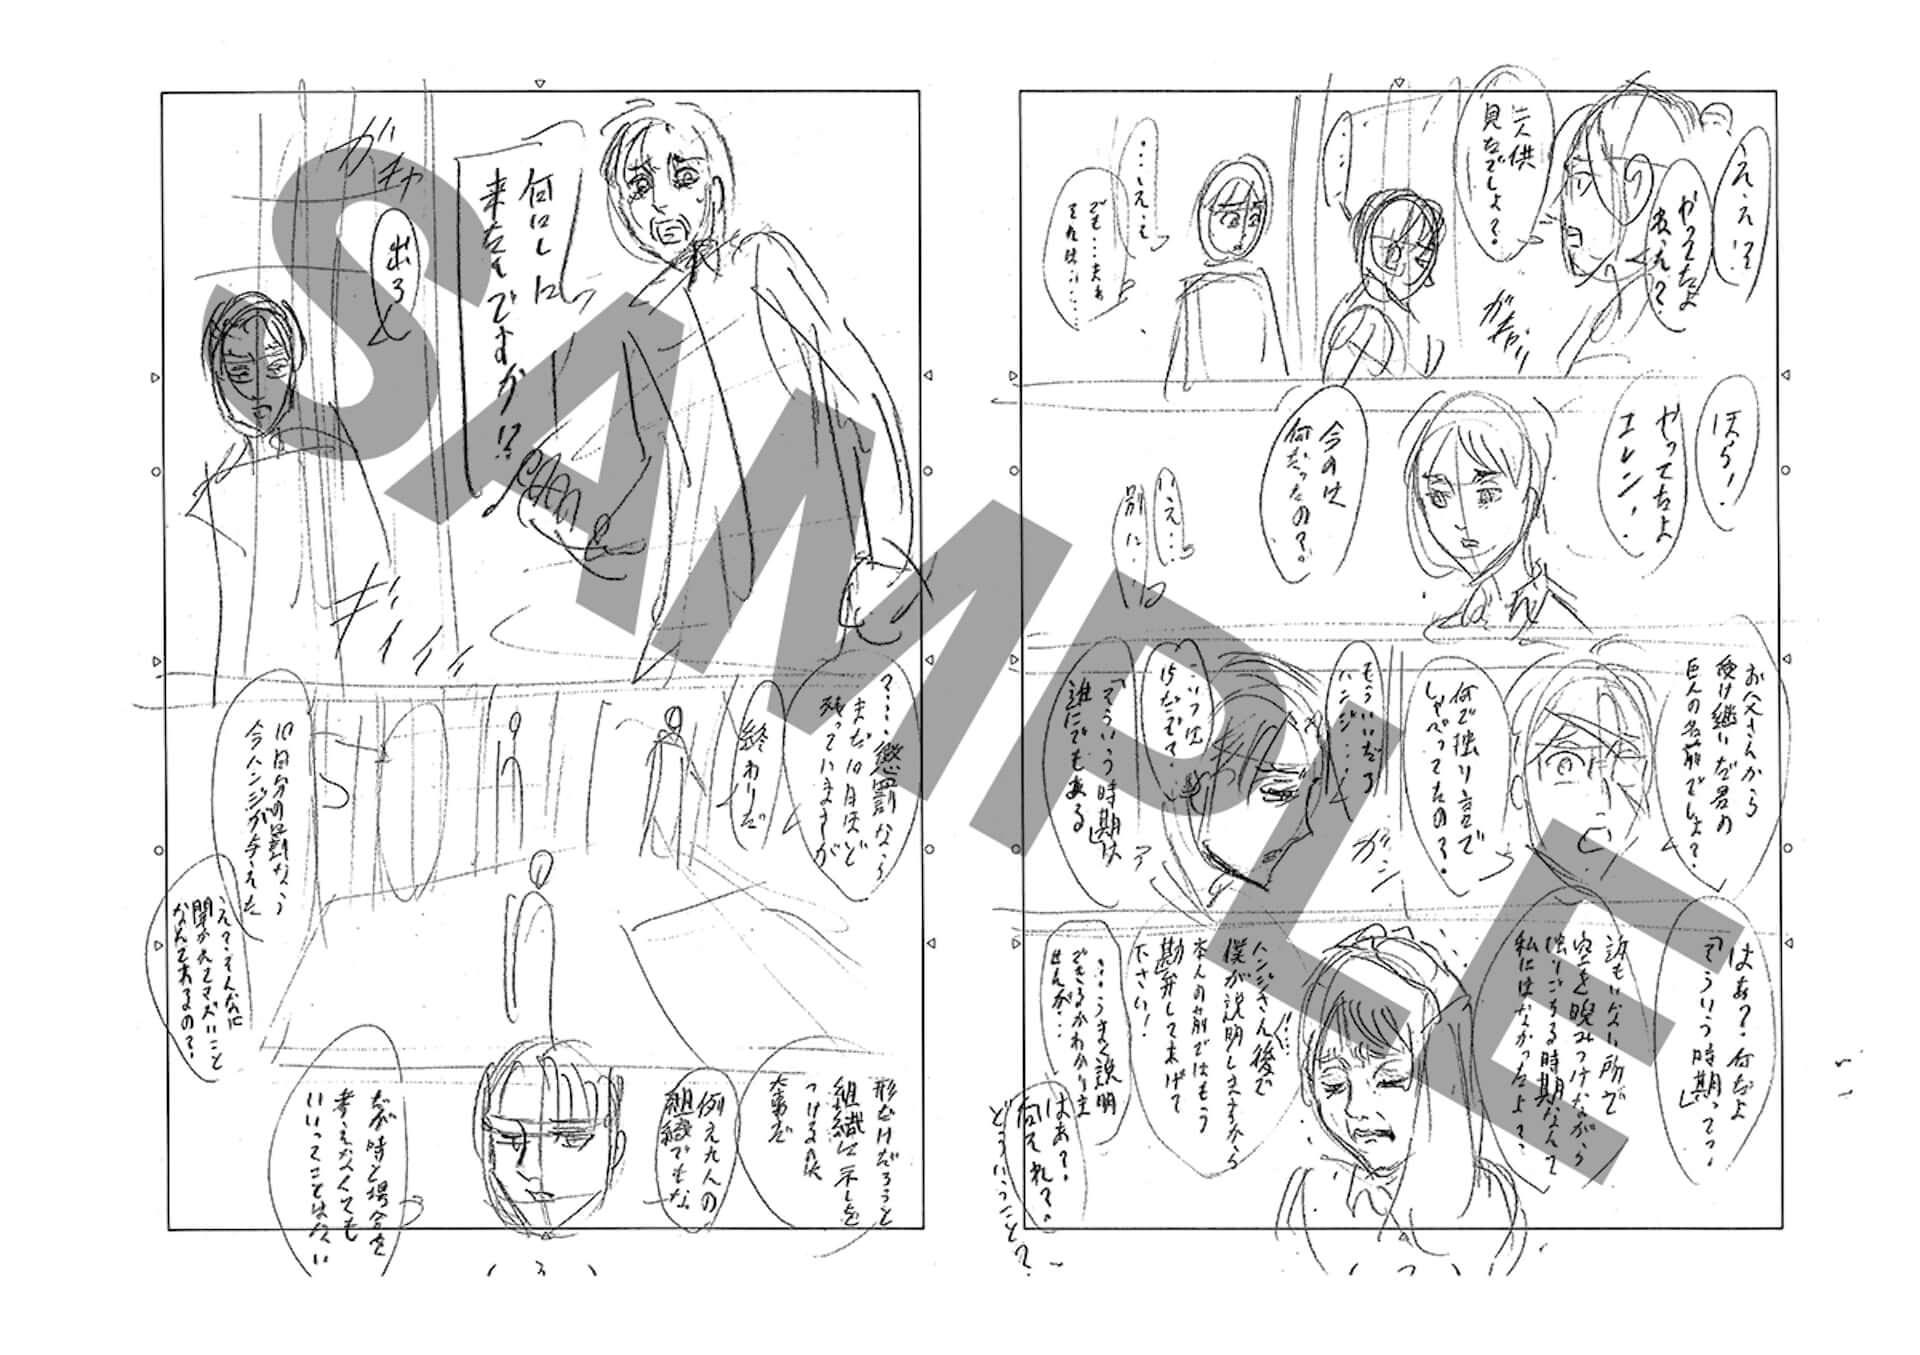 進撃の巨人がひらパーに襲来!<進撃の巨人展FINALinひらかたパーク>が開催|大阪展限定描き下ろしアニメイラストも公開 art190913_shingekinokyojin_hirakata_15-1920x1355